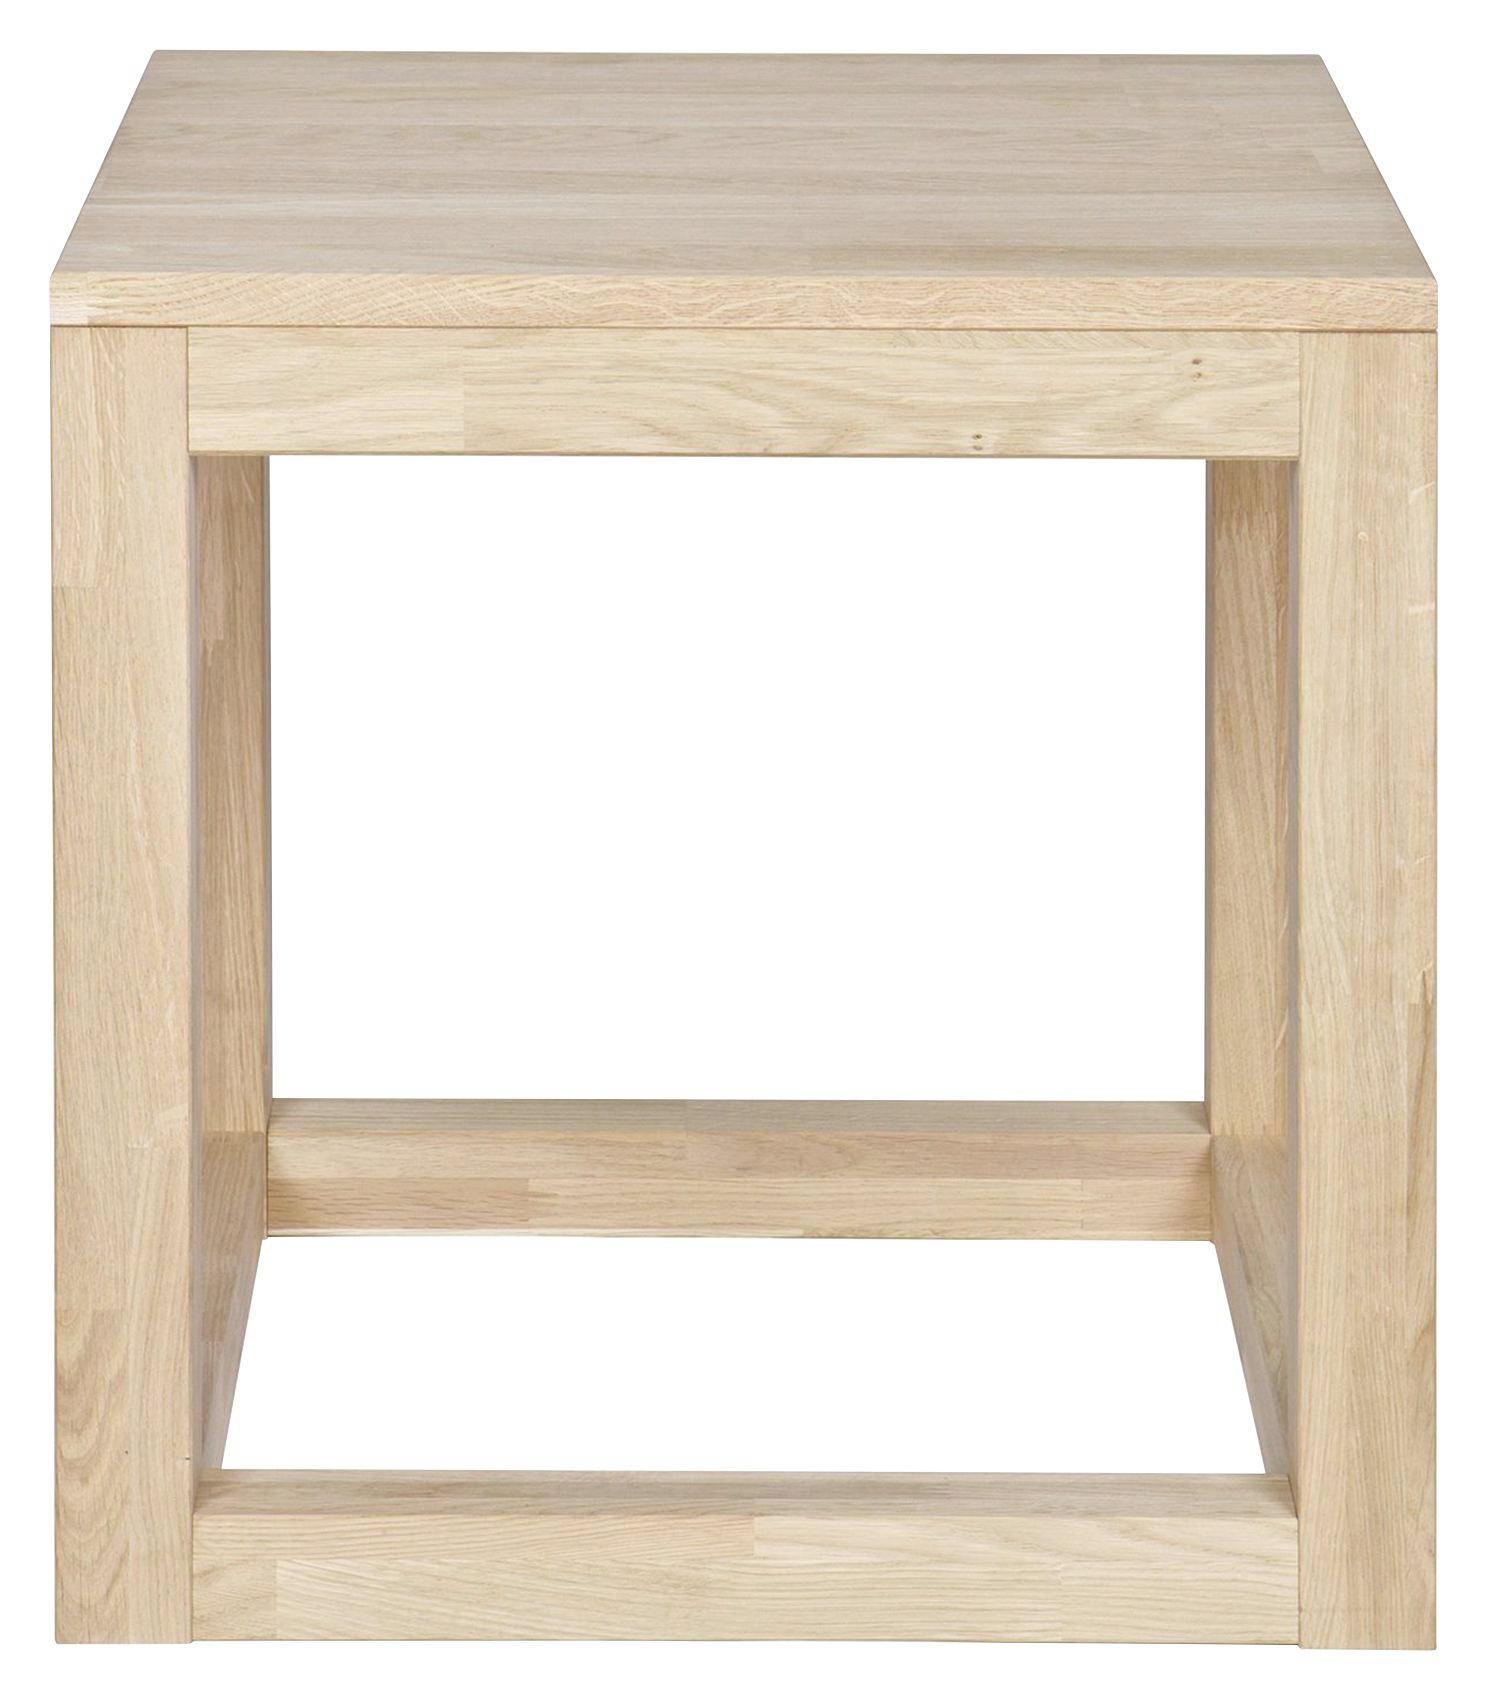 BEISTELLTISCH in Eichefarben - Eichefarben, Design, Holz (45/47/45cm) - Ambia Home